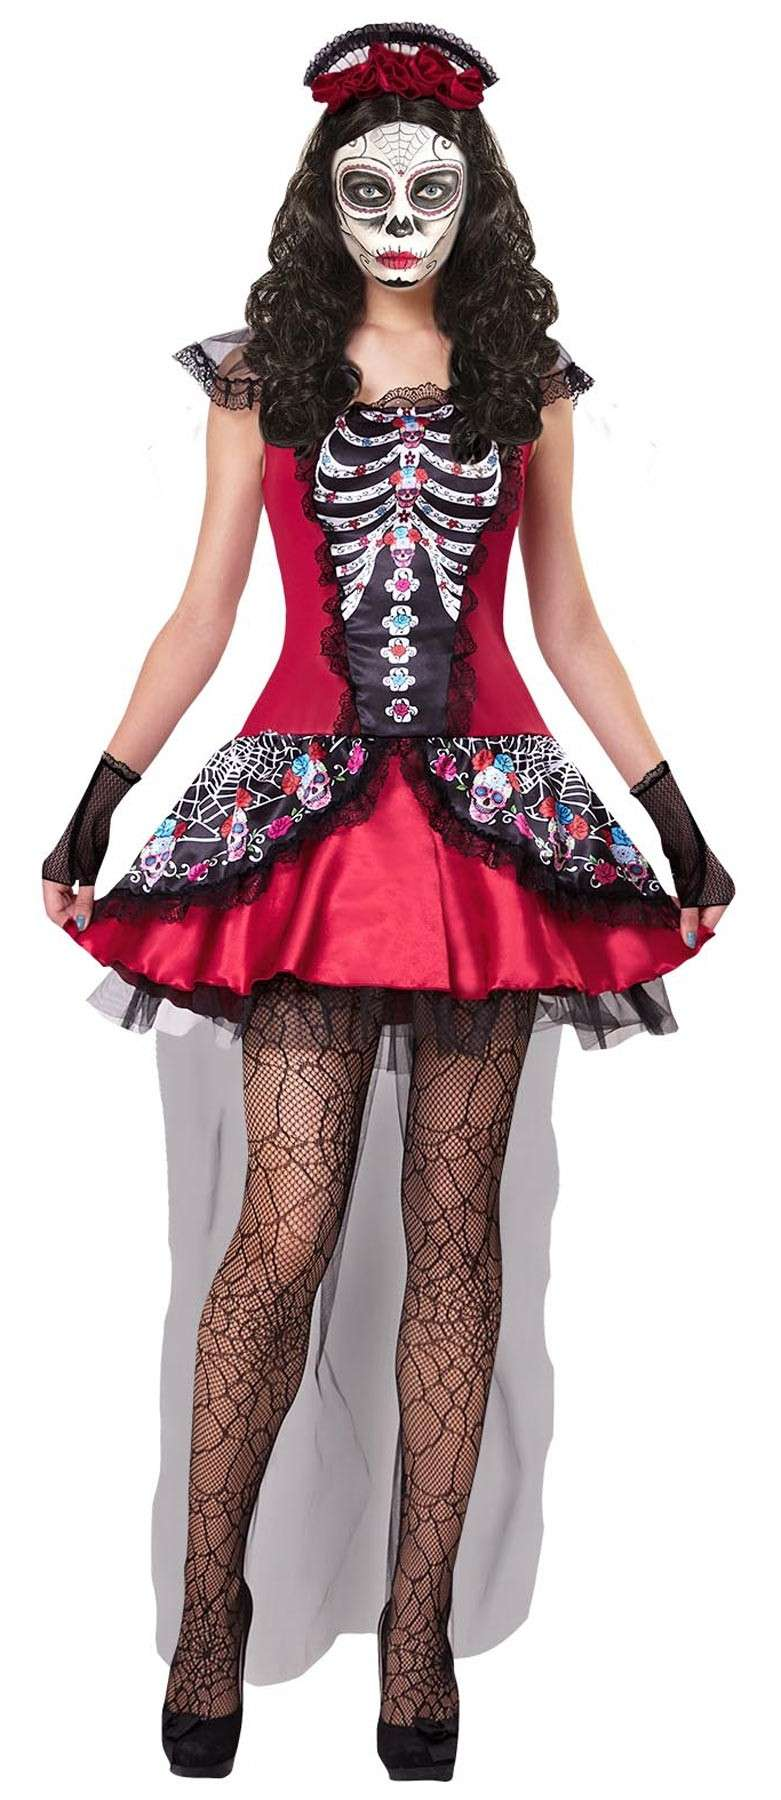 Madchen Damen Cheerleader Kostum Kleid Fasching Cosplay Schwarz